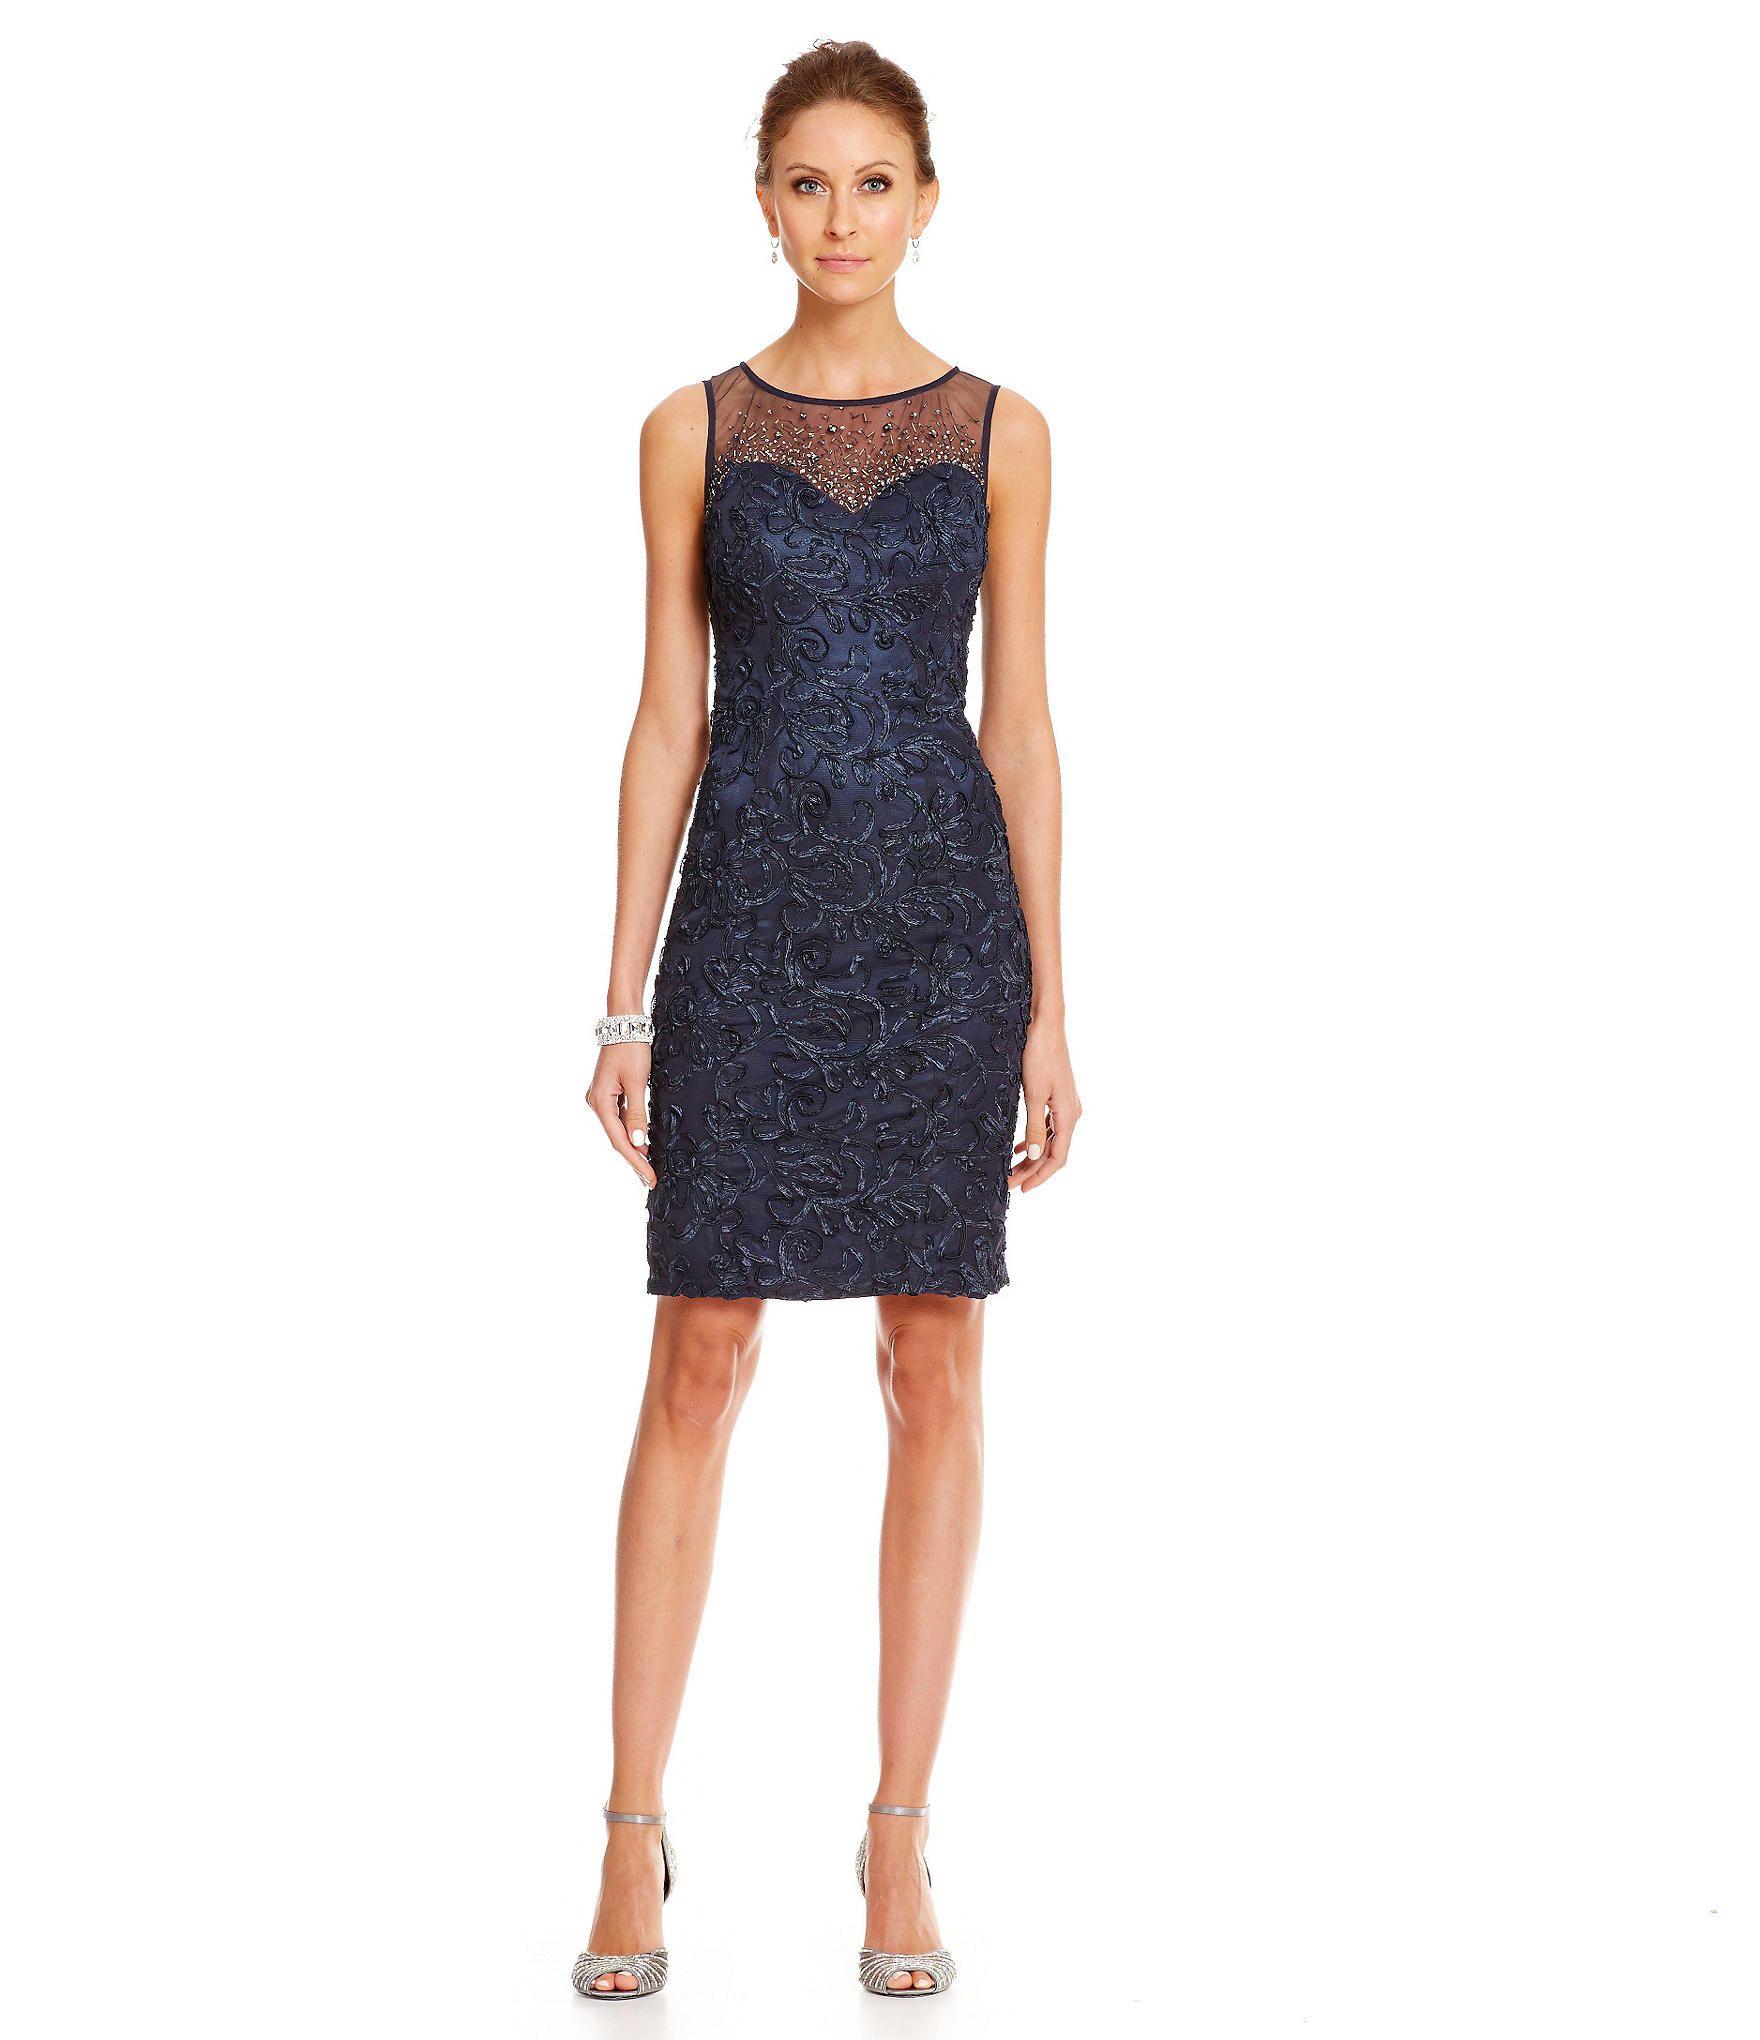 d486b23e3390 Dillards Womens Semi Formal Dresses | Saddha